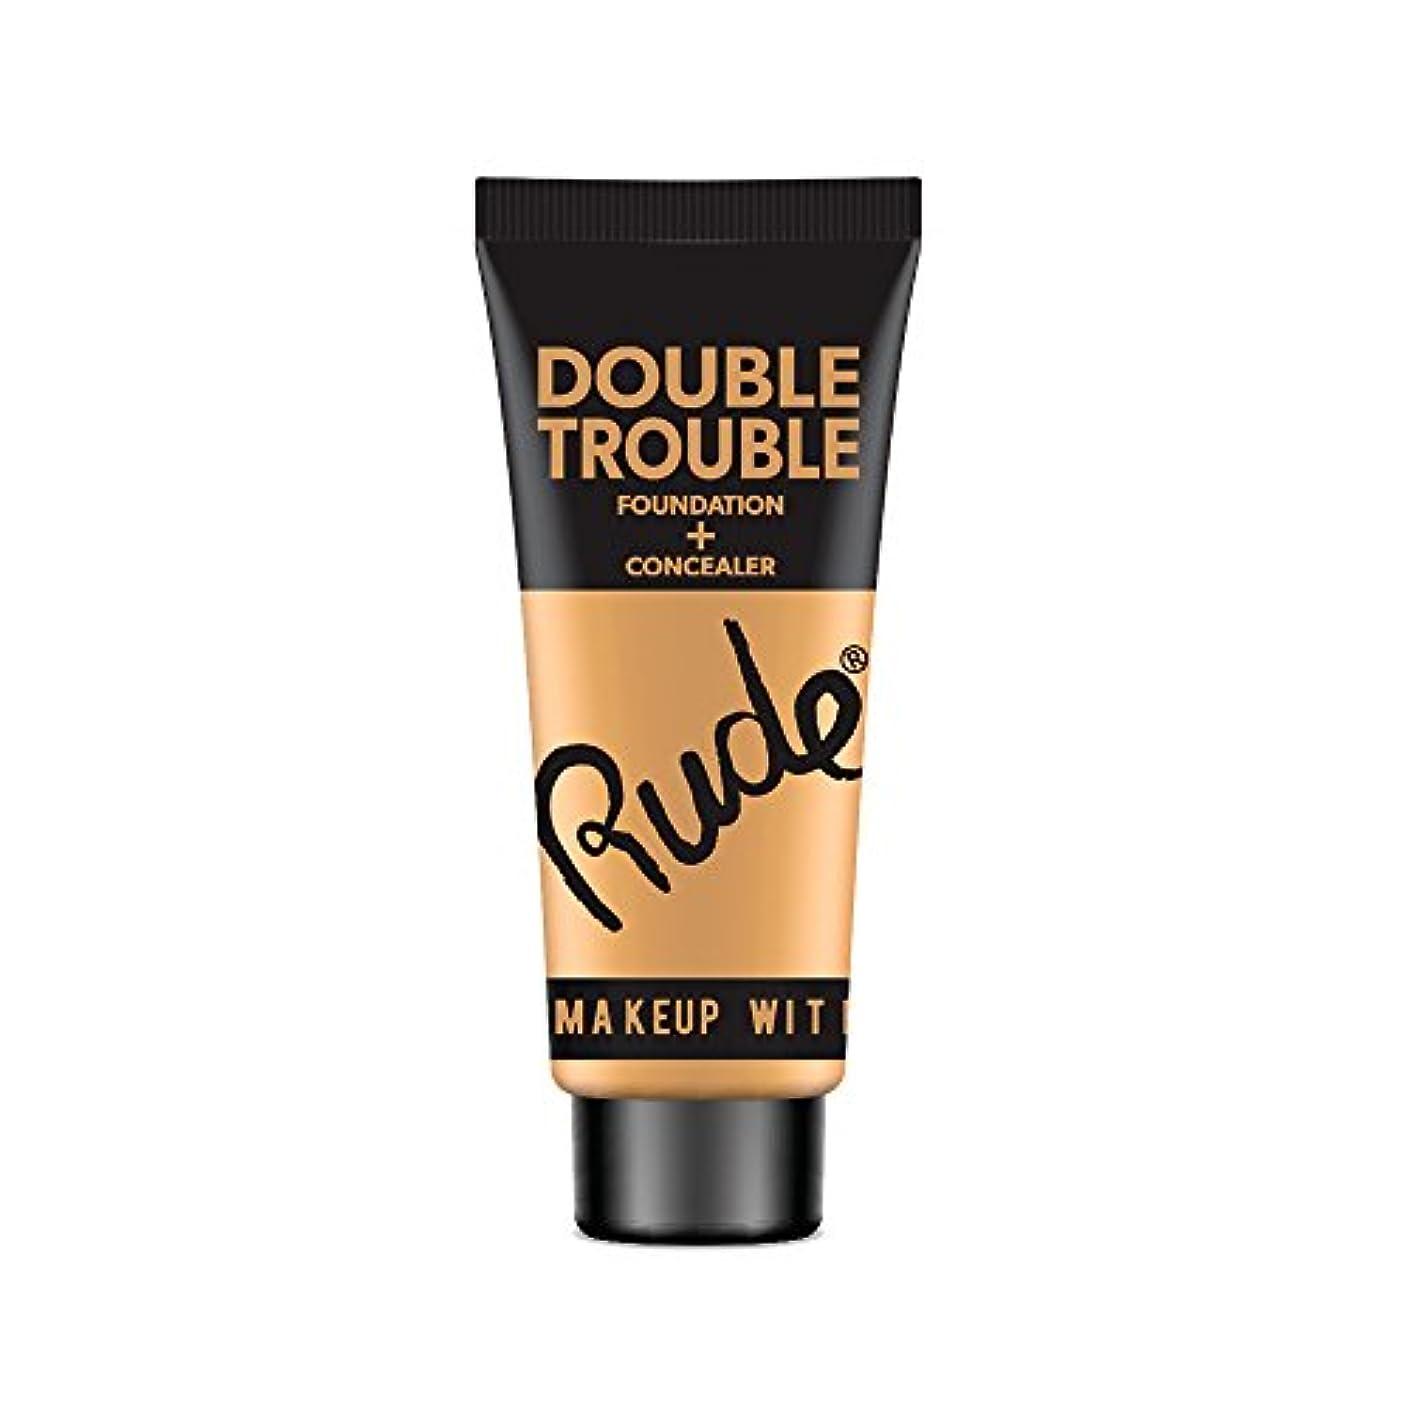 オーガニック吸収するコールド(3 Pack) RUDE Double Trouble Foundation + Concealer - Natural (並行輸入品)